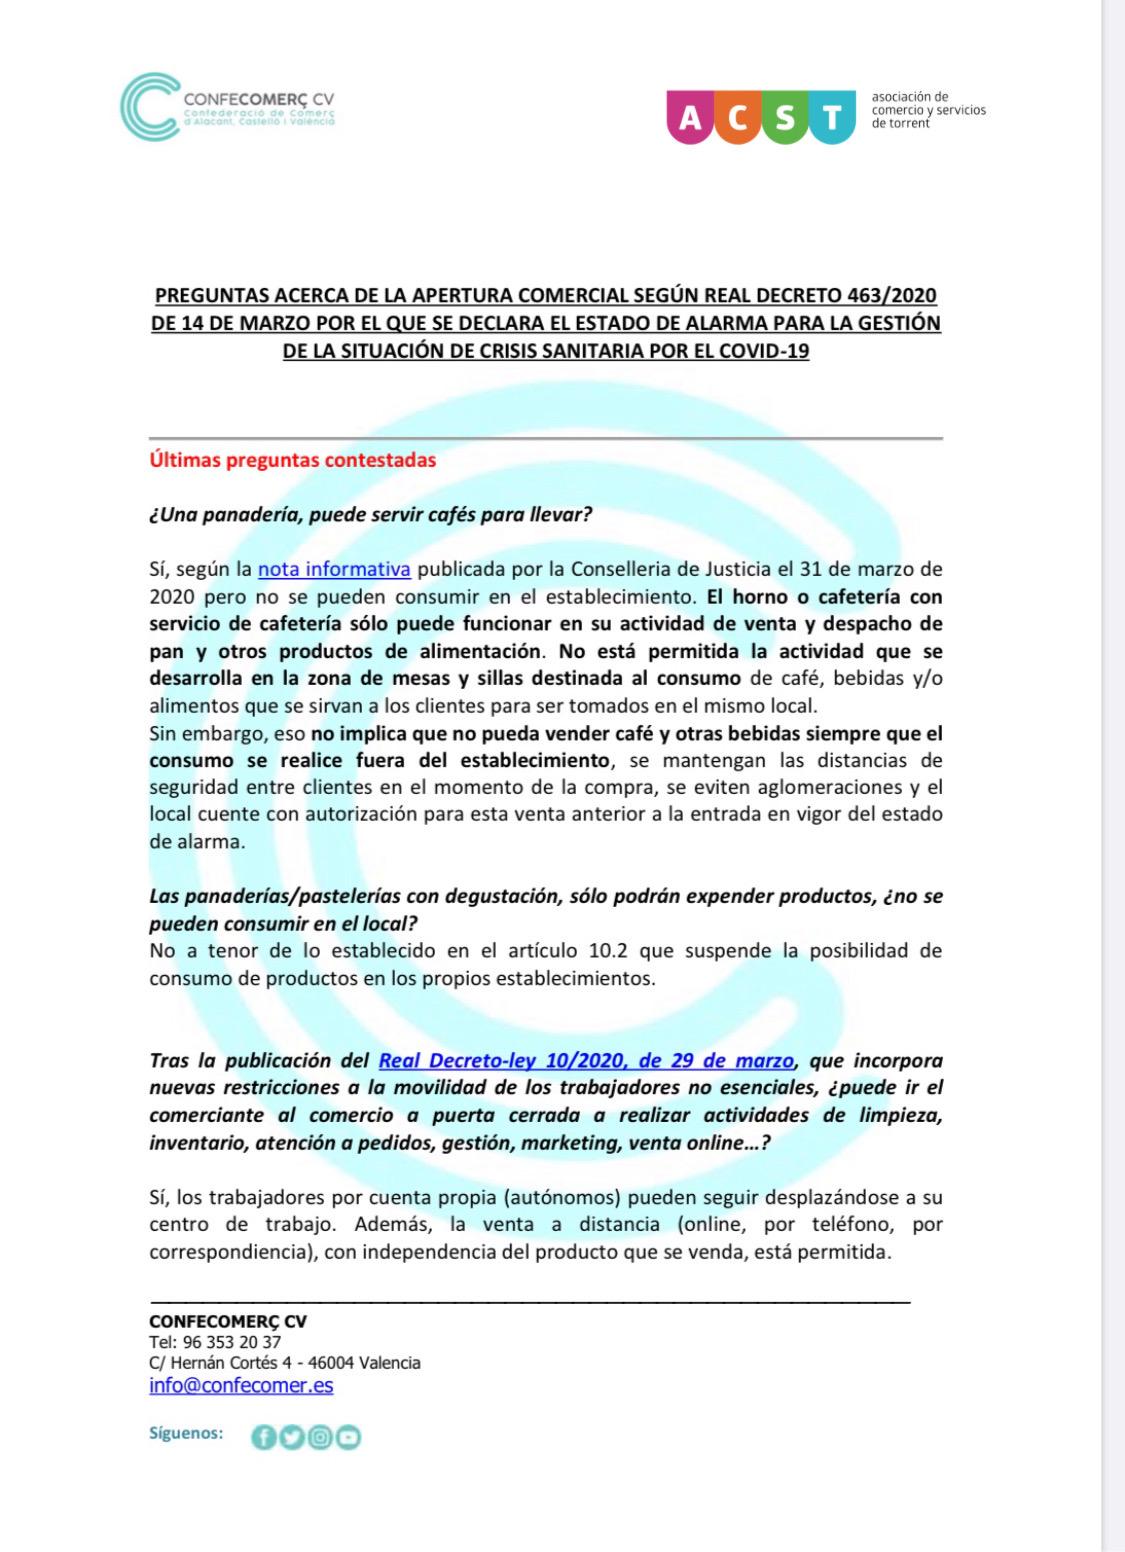 """ACST y CONFECOMERÇ recopilan todas las """"Preguntas y Respuestas"""" respecto al COVID-19 (Documento .PDF) !!"""